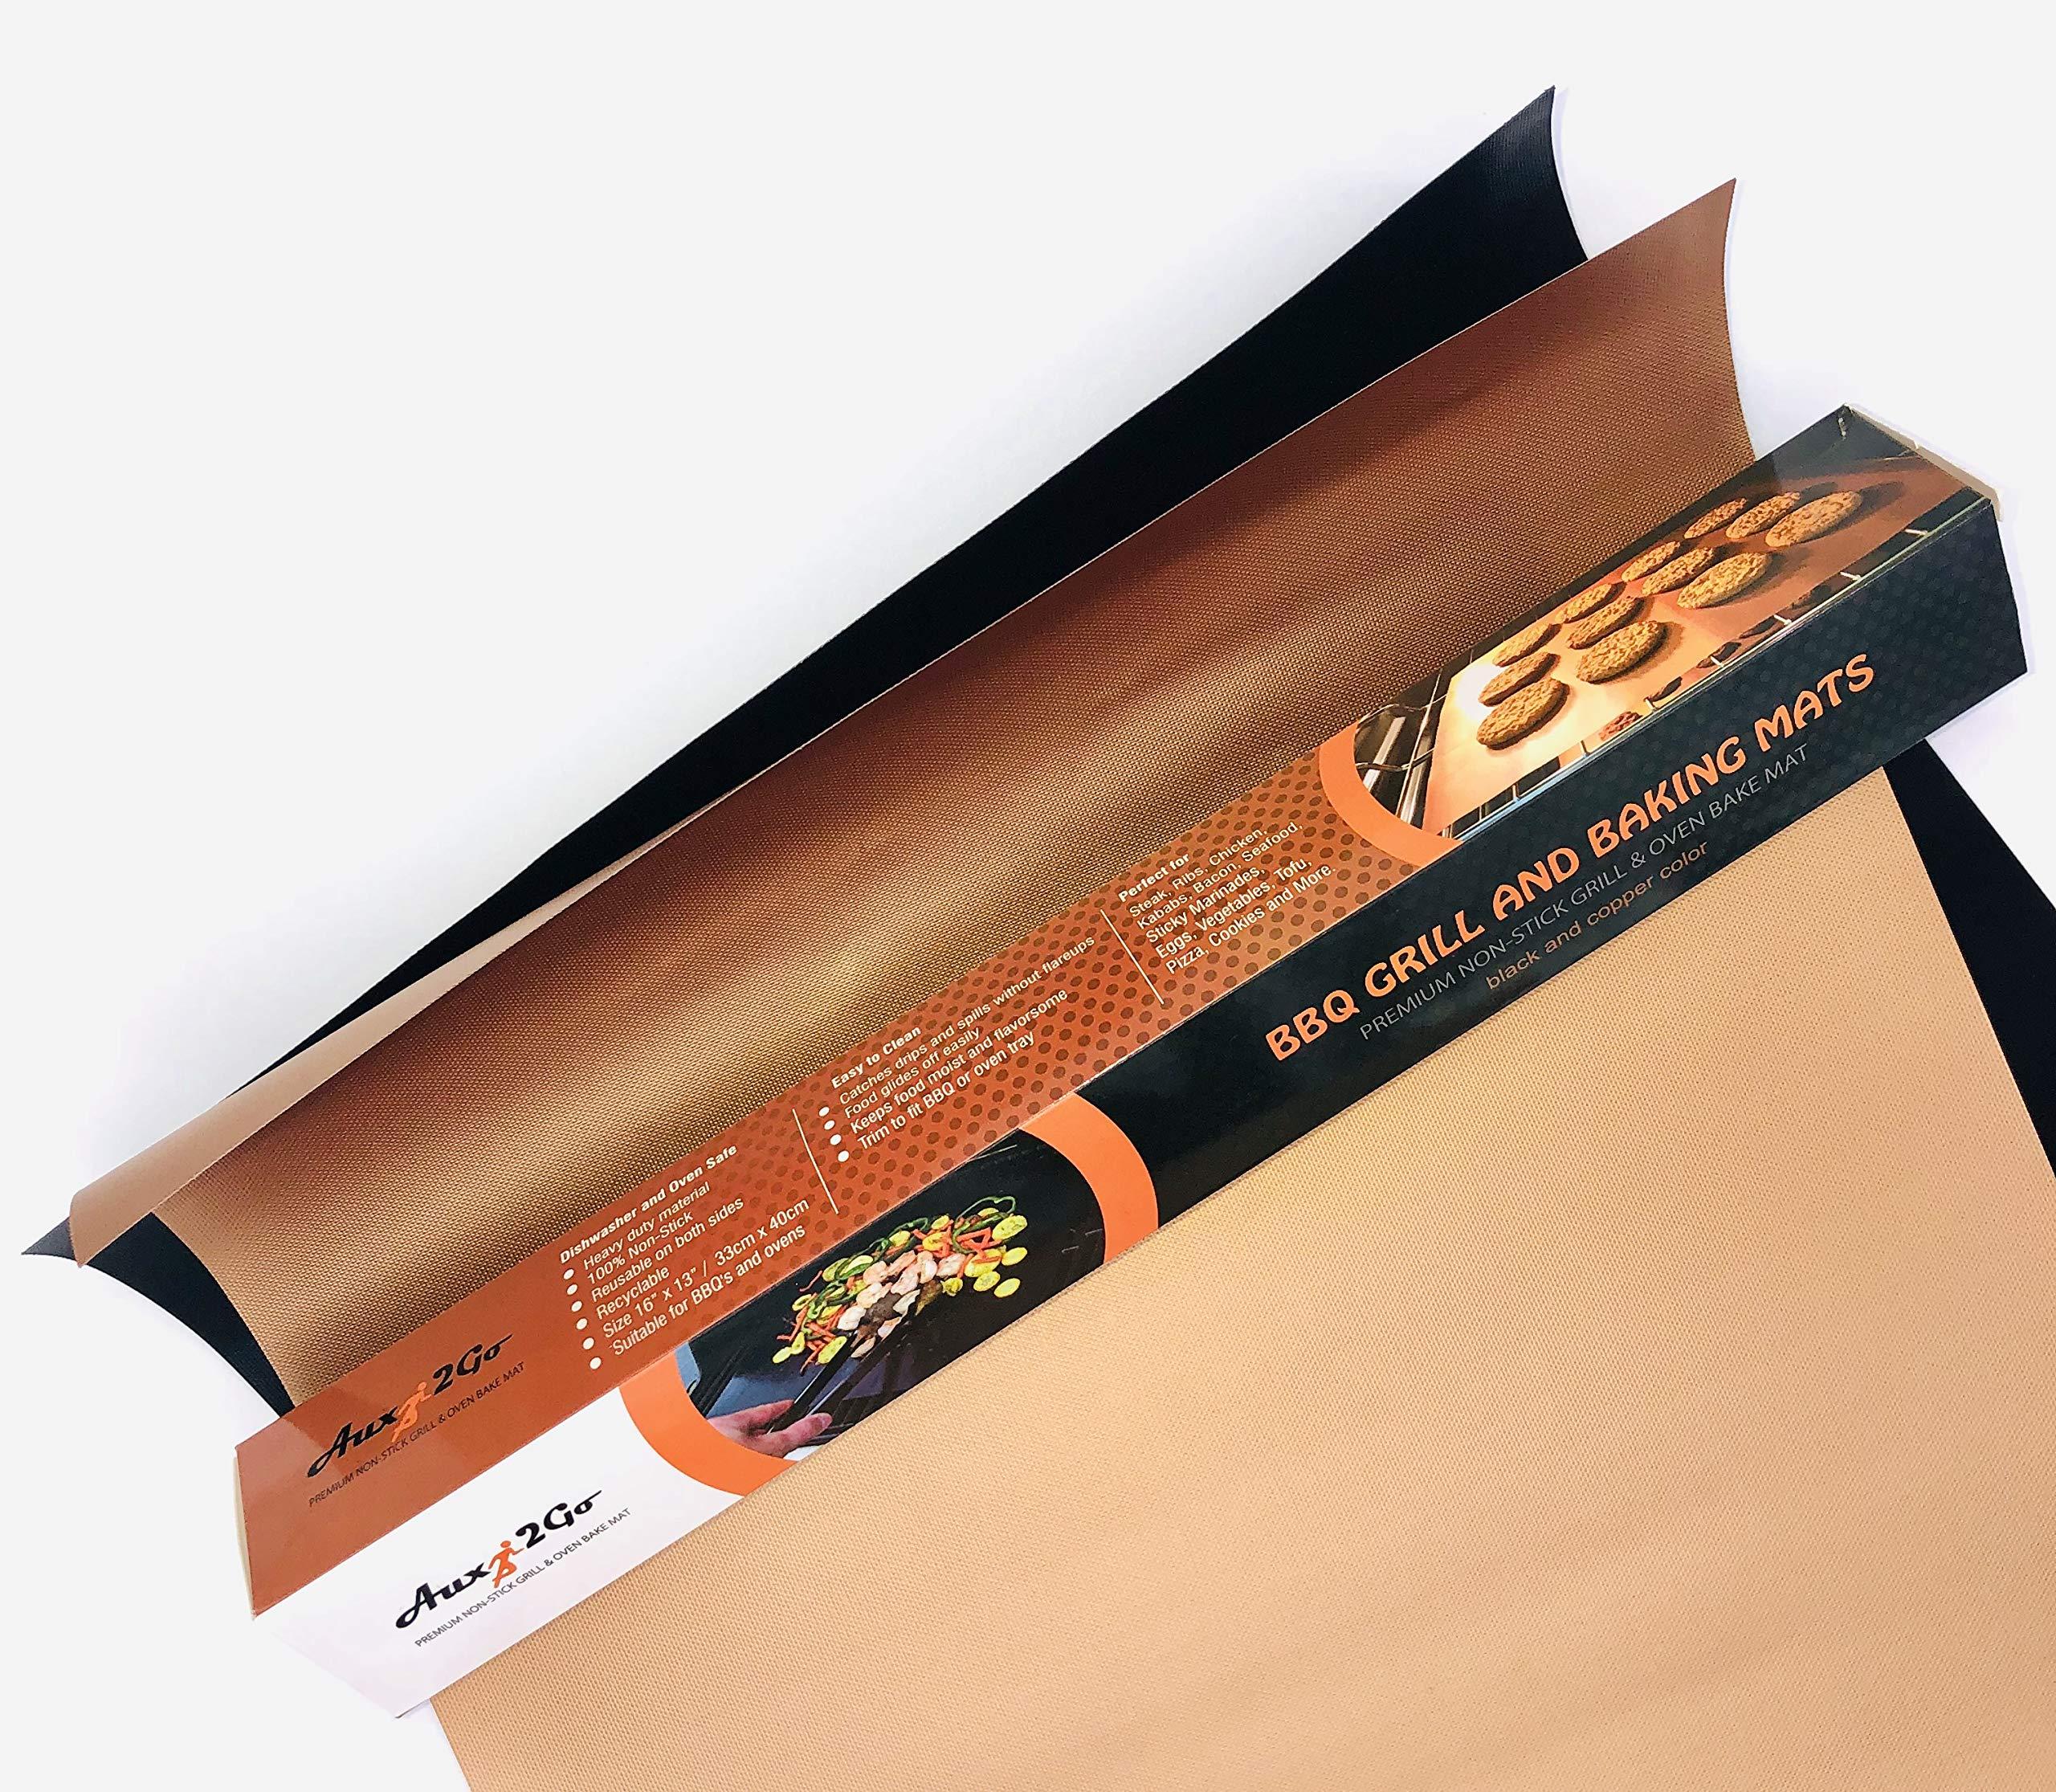 AUX2GO Copper Baking Mats | Premium Non-Stick Sheets | Best Durable Grilling Accessory | Reusable Easy Clean | Set of 2